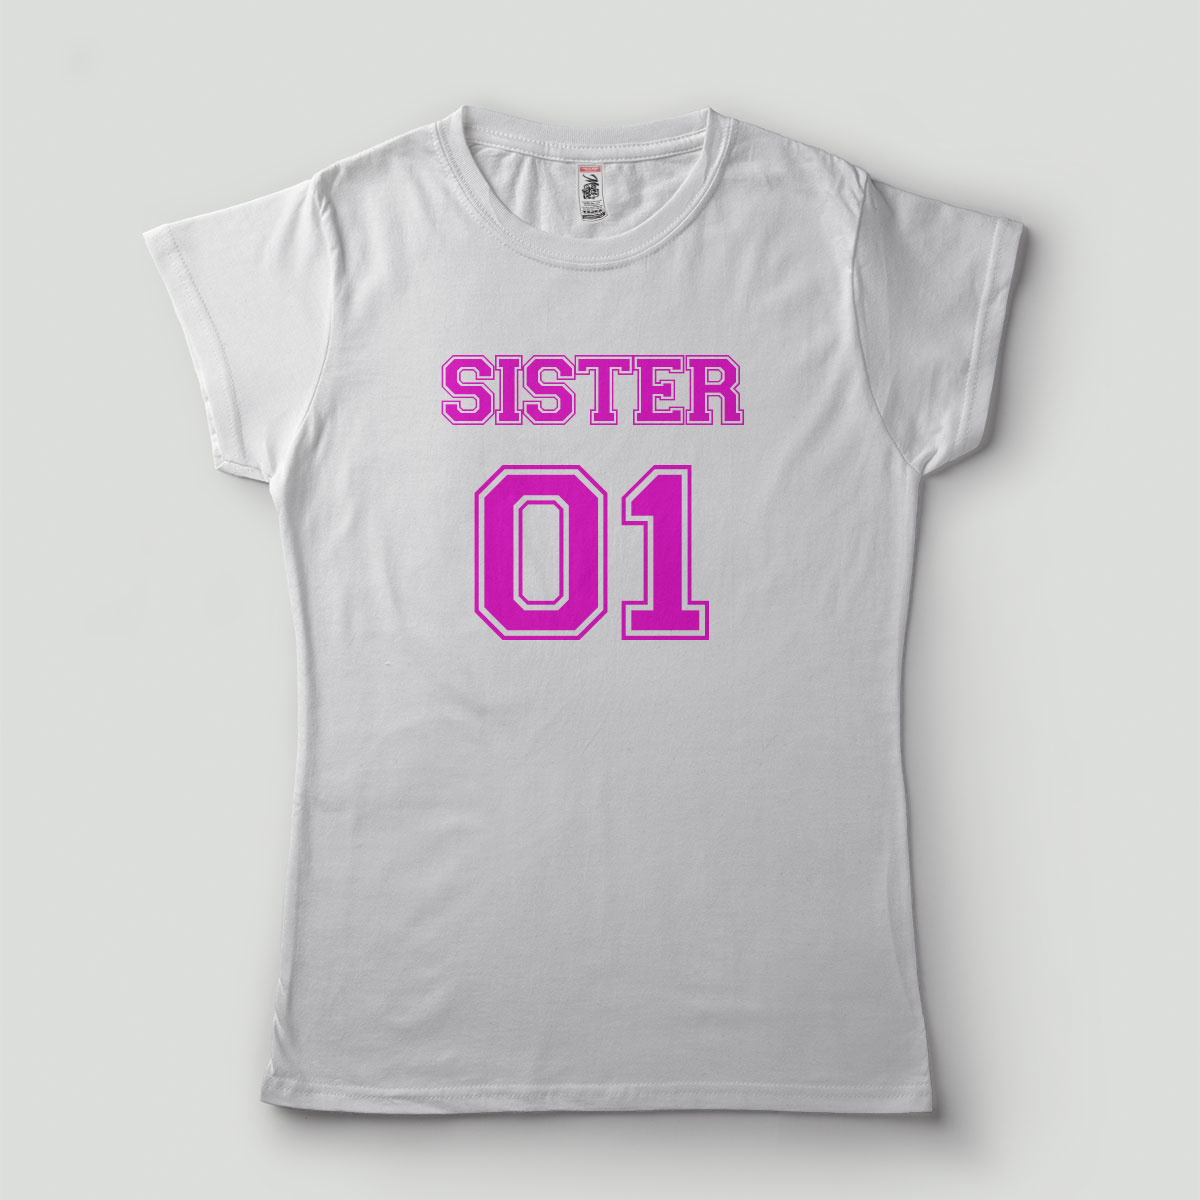 Camiseta feminina Irma 01 Sister Casamento